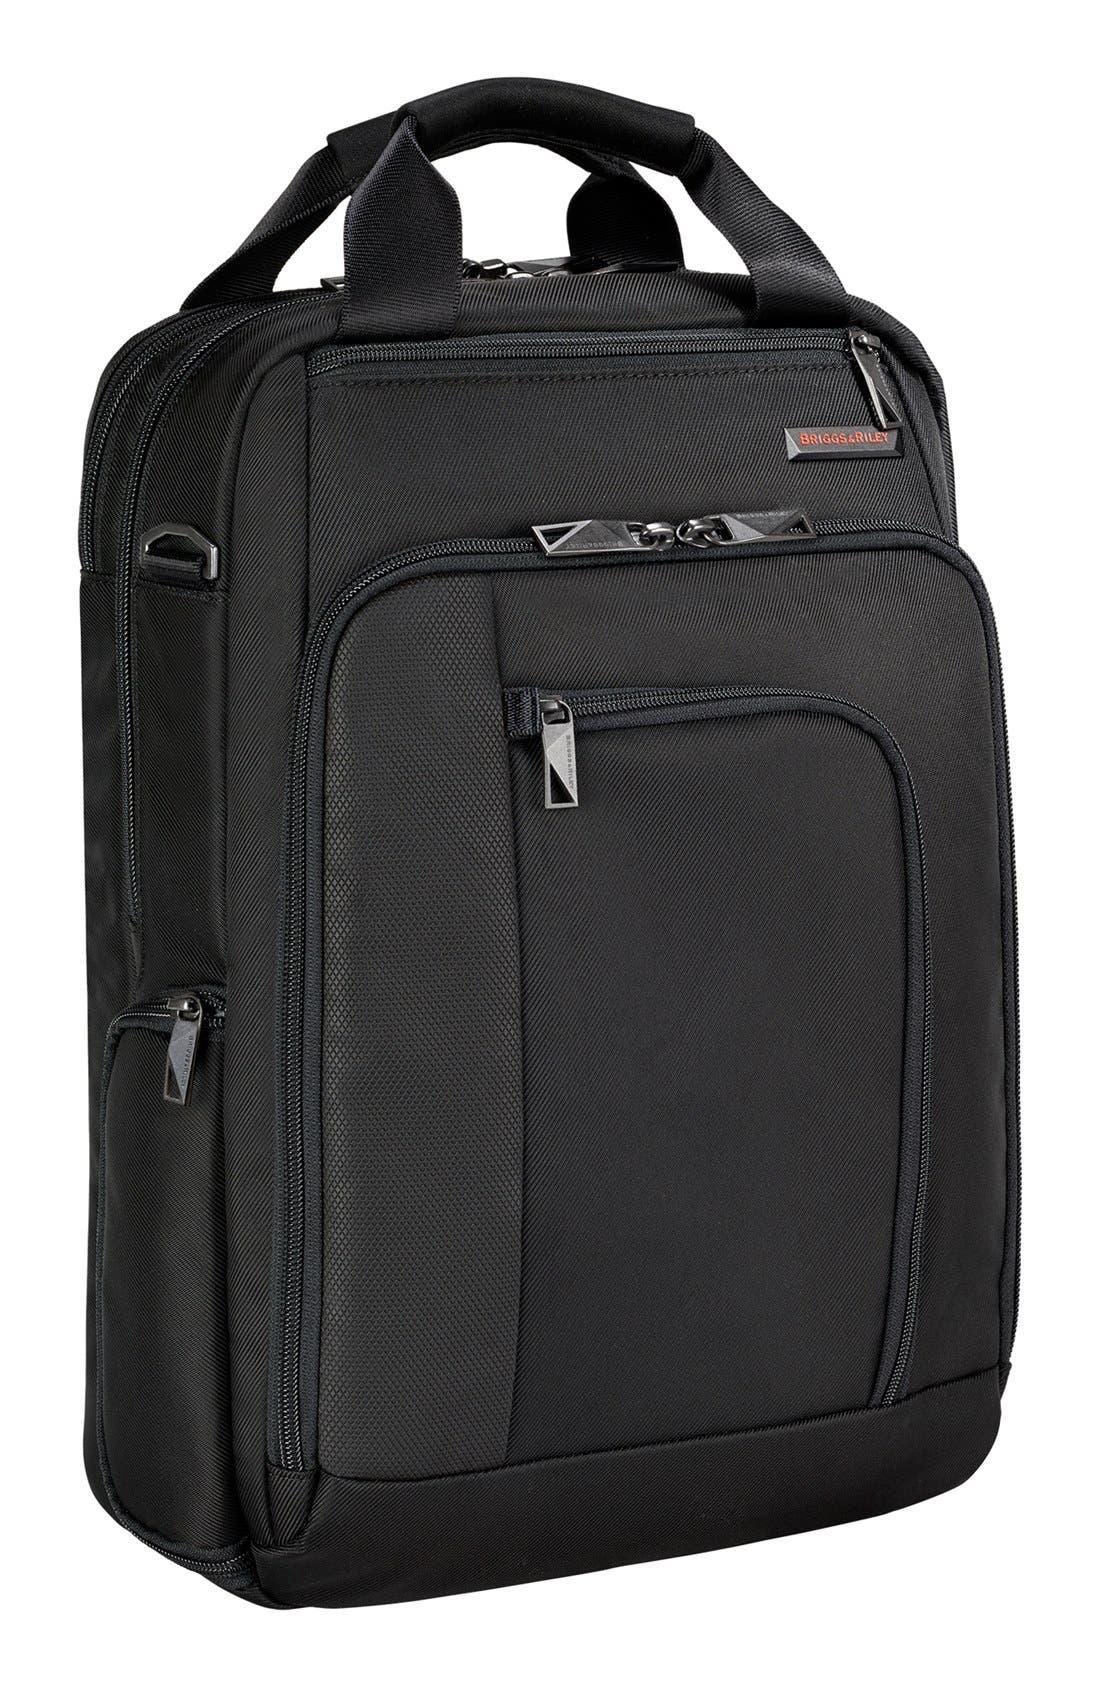 Main Image - Briggs & Riley 'Verb - Relay' Convertible Briefcase